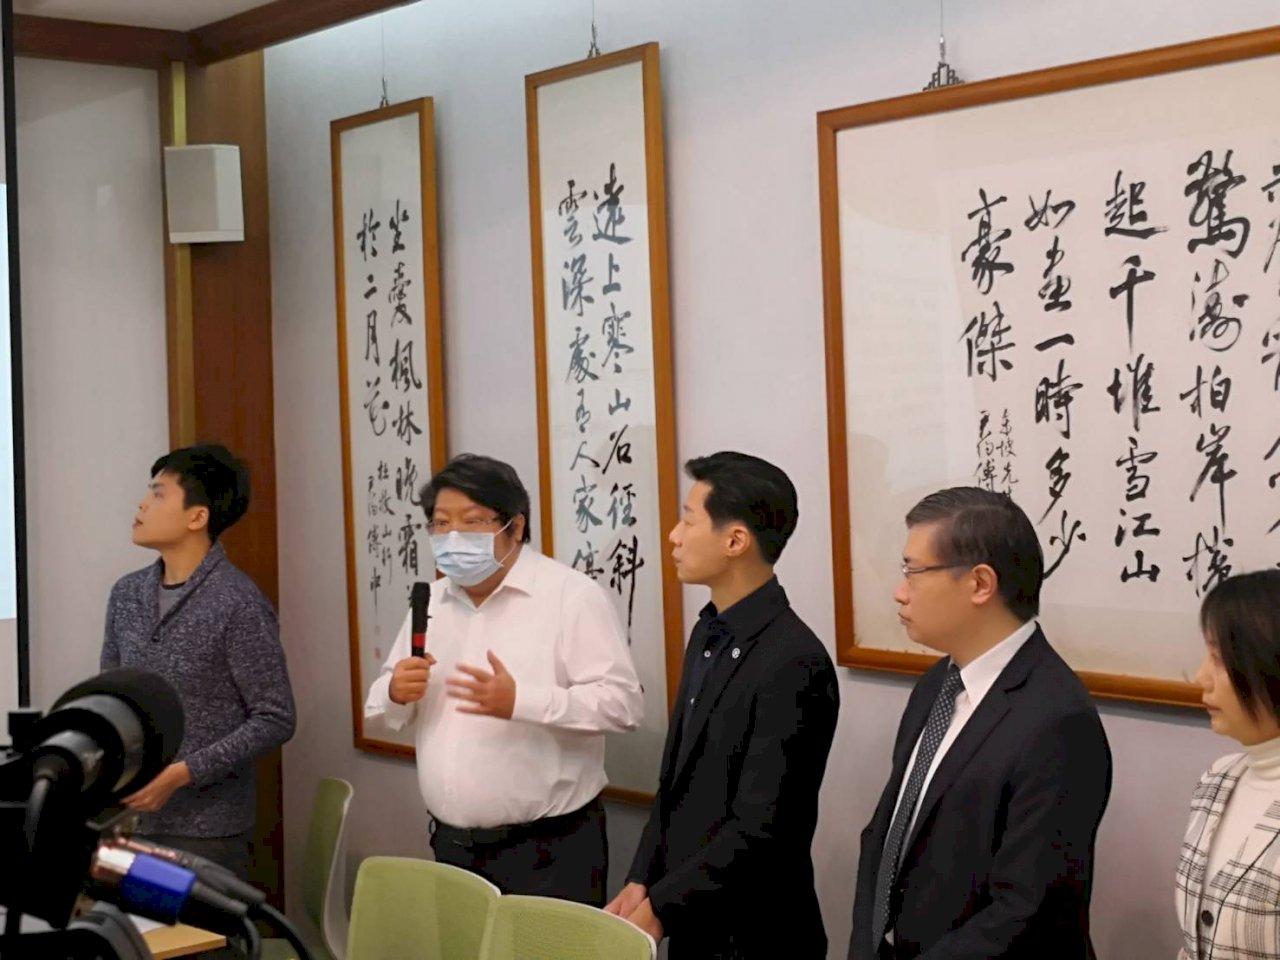 民團提香港人權及民主條款 要求政府定期提政經情勢報告